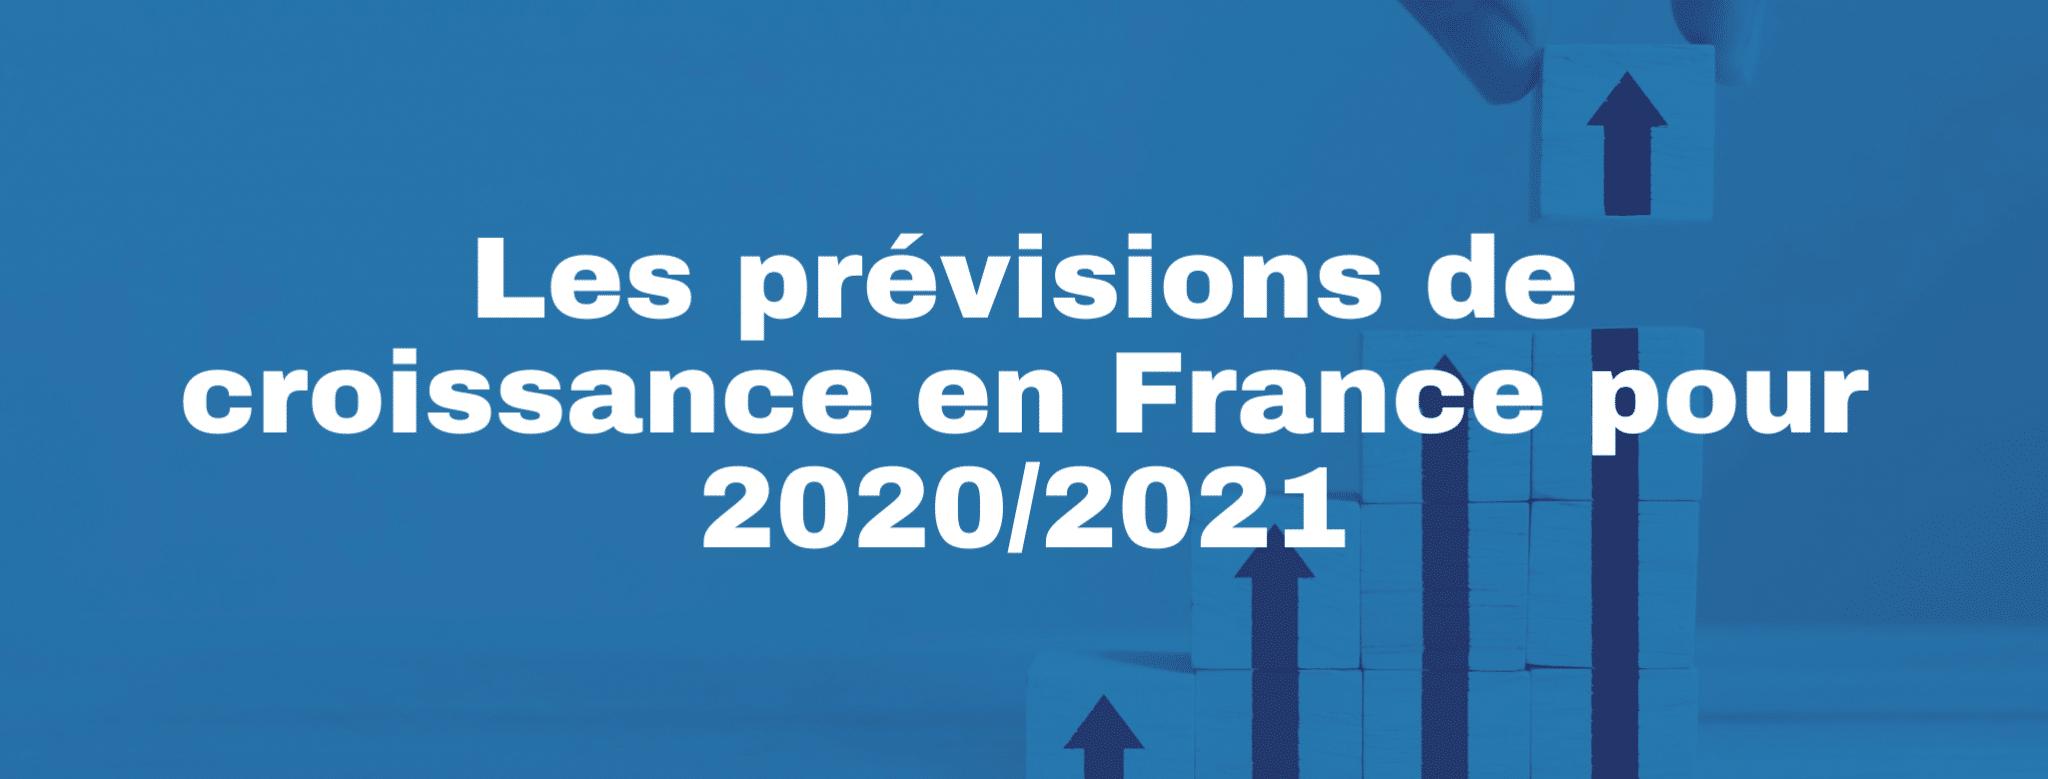 Les prévisions de croissance en France pour 2020/2021